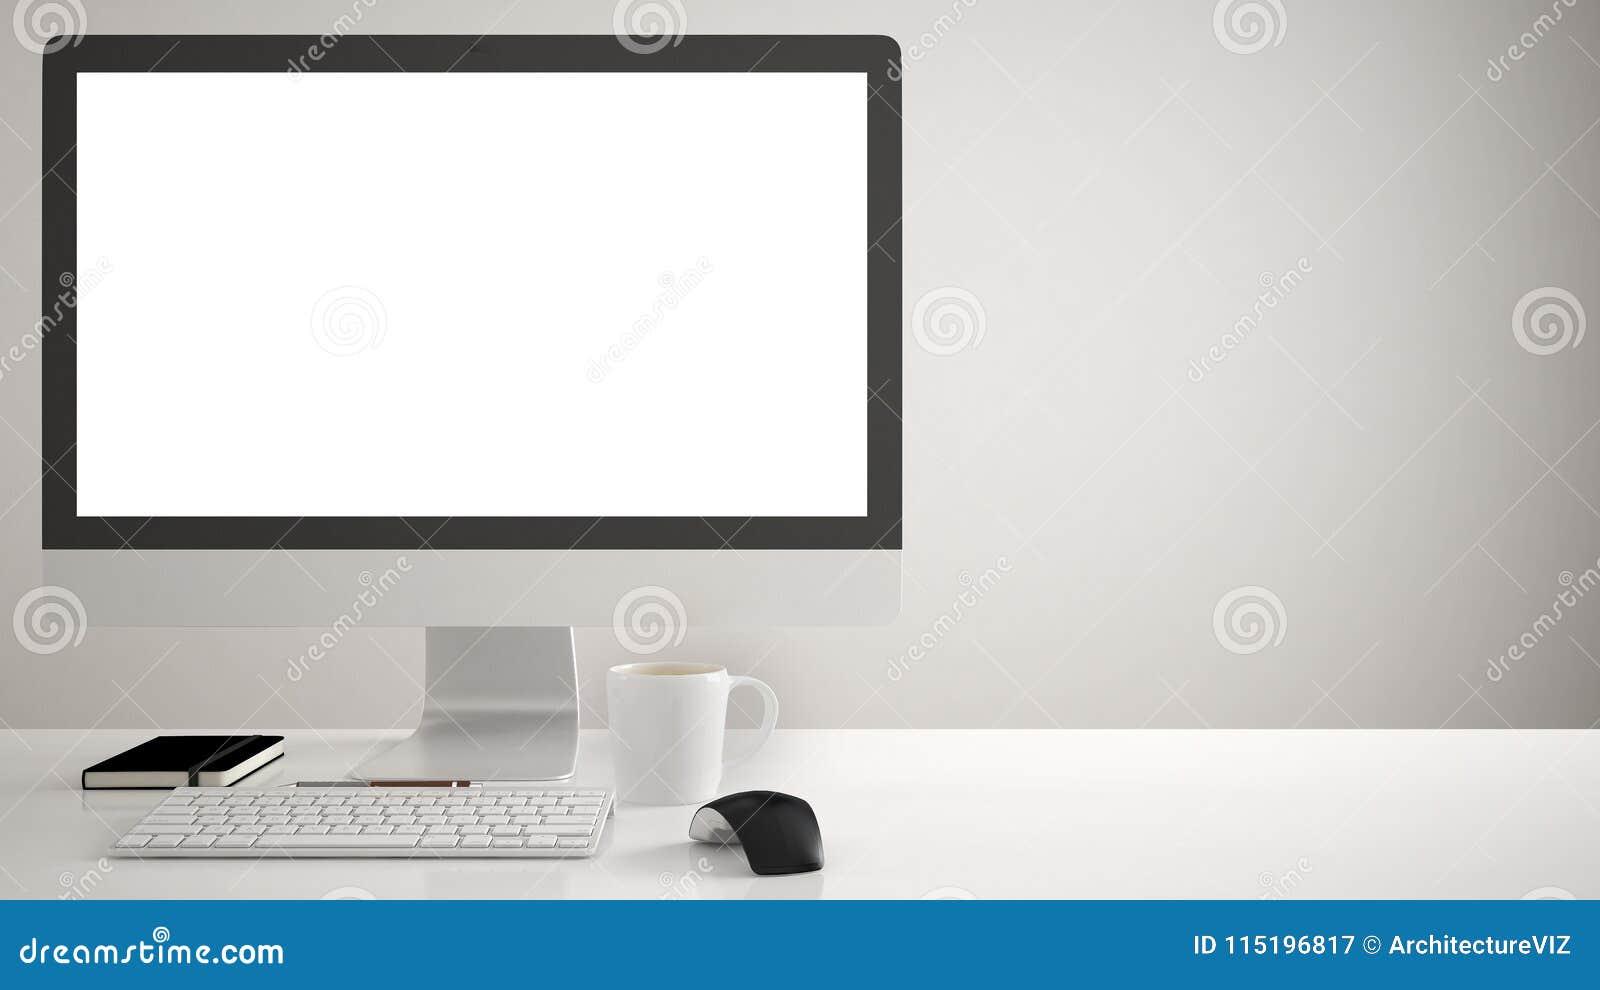 Desktop mockup, szablon, komputer na pracy biurku z pustym ekranem, klawiaturowa mysz i notepad z, piórami i ołówkami, biały back